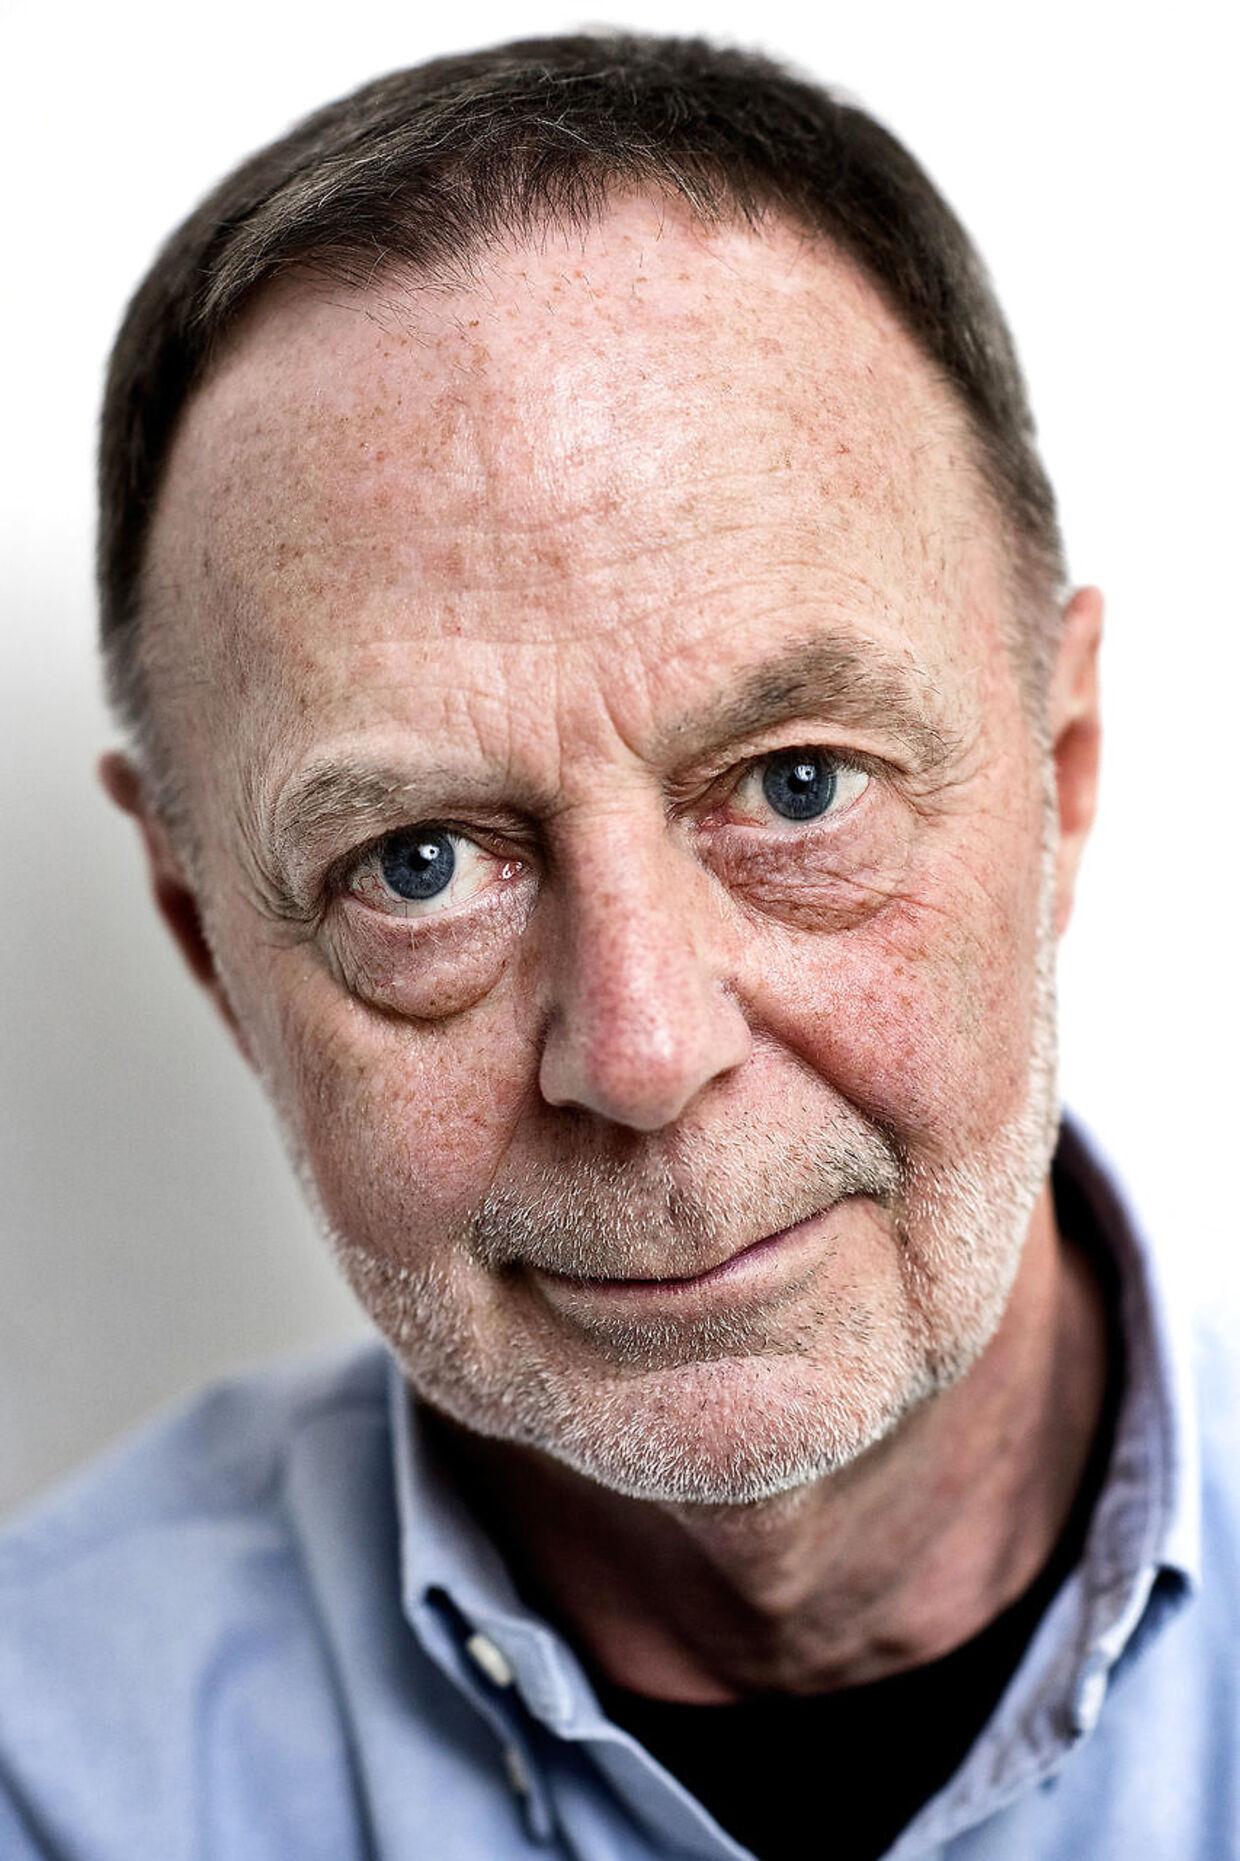 Bent Isager-Nielsen er forhenværende drabschef ved Rejseholdet, og her var han i mere end 20 år beskæftiget med at opklare nogle af danmarkshistoriens mest alvorlige forbrydelser.